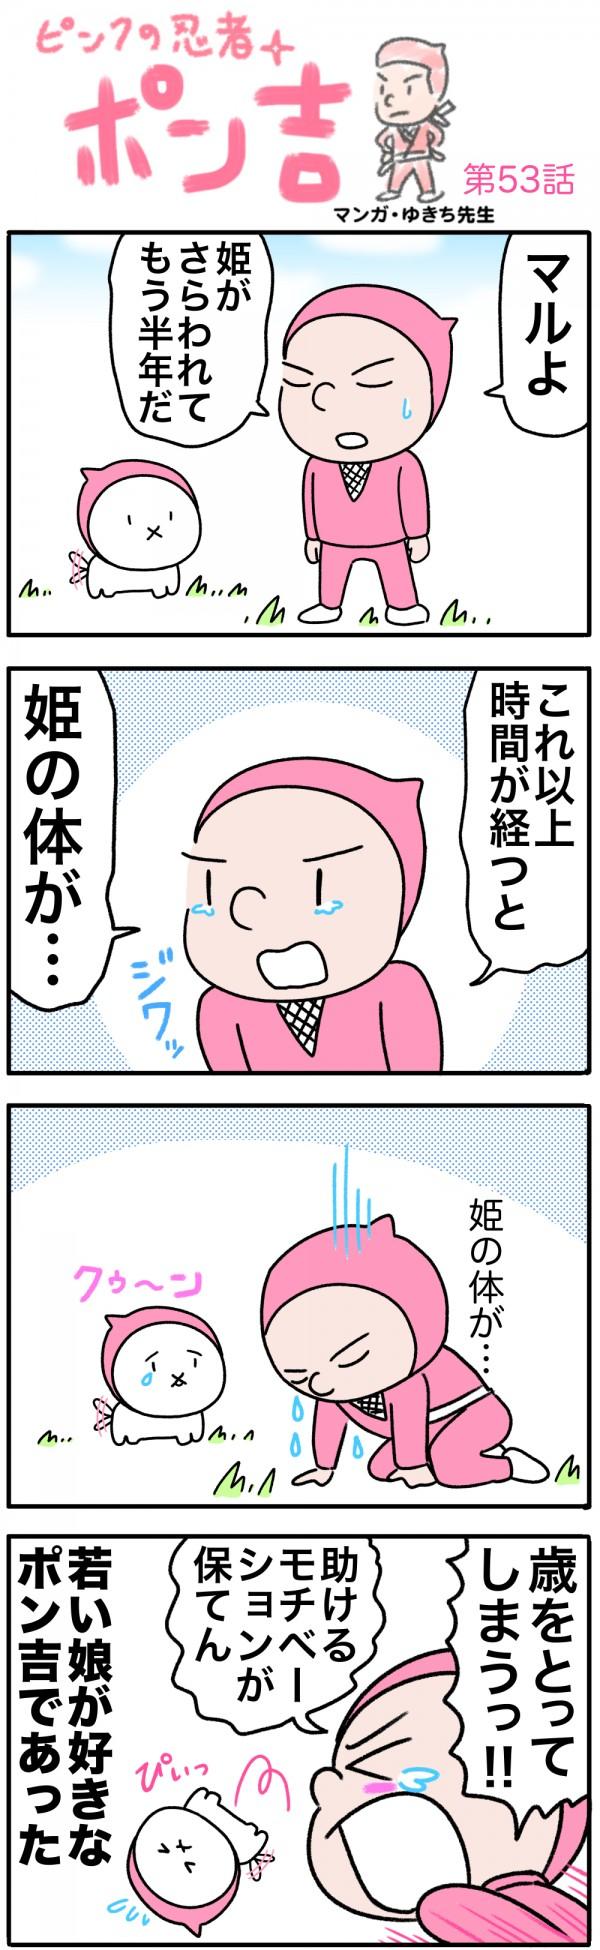 忍者4コマ漫画